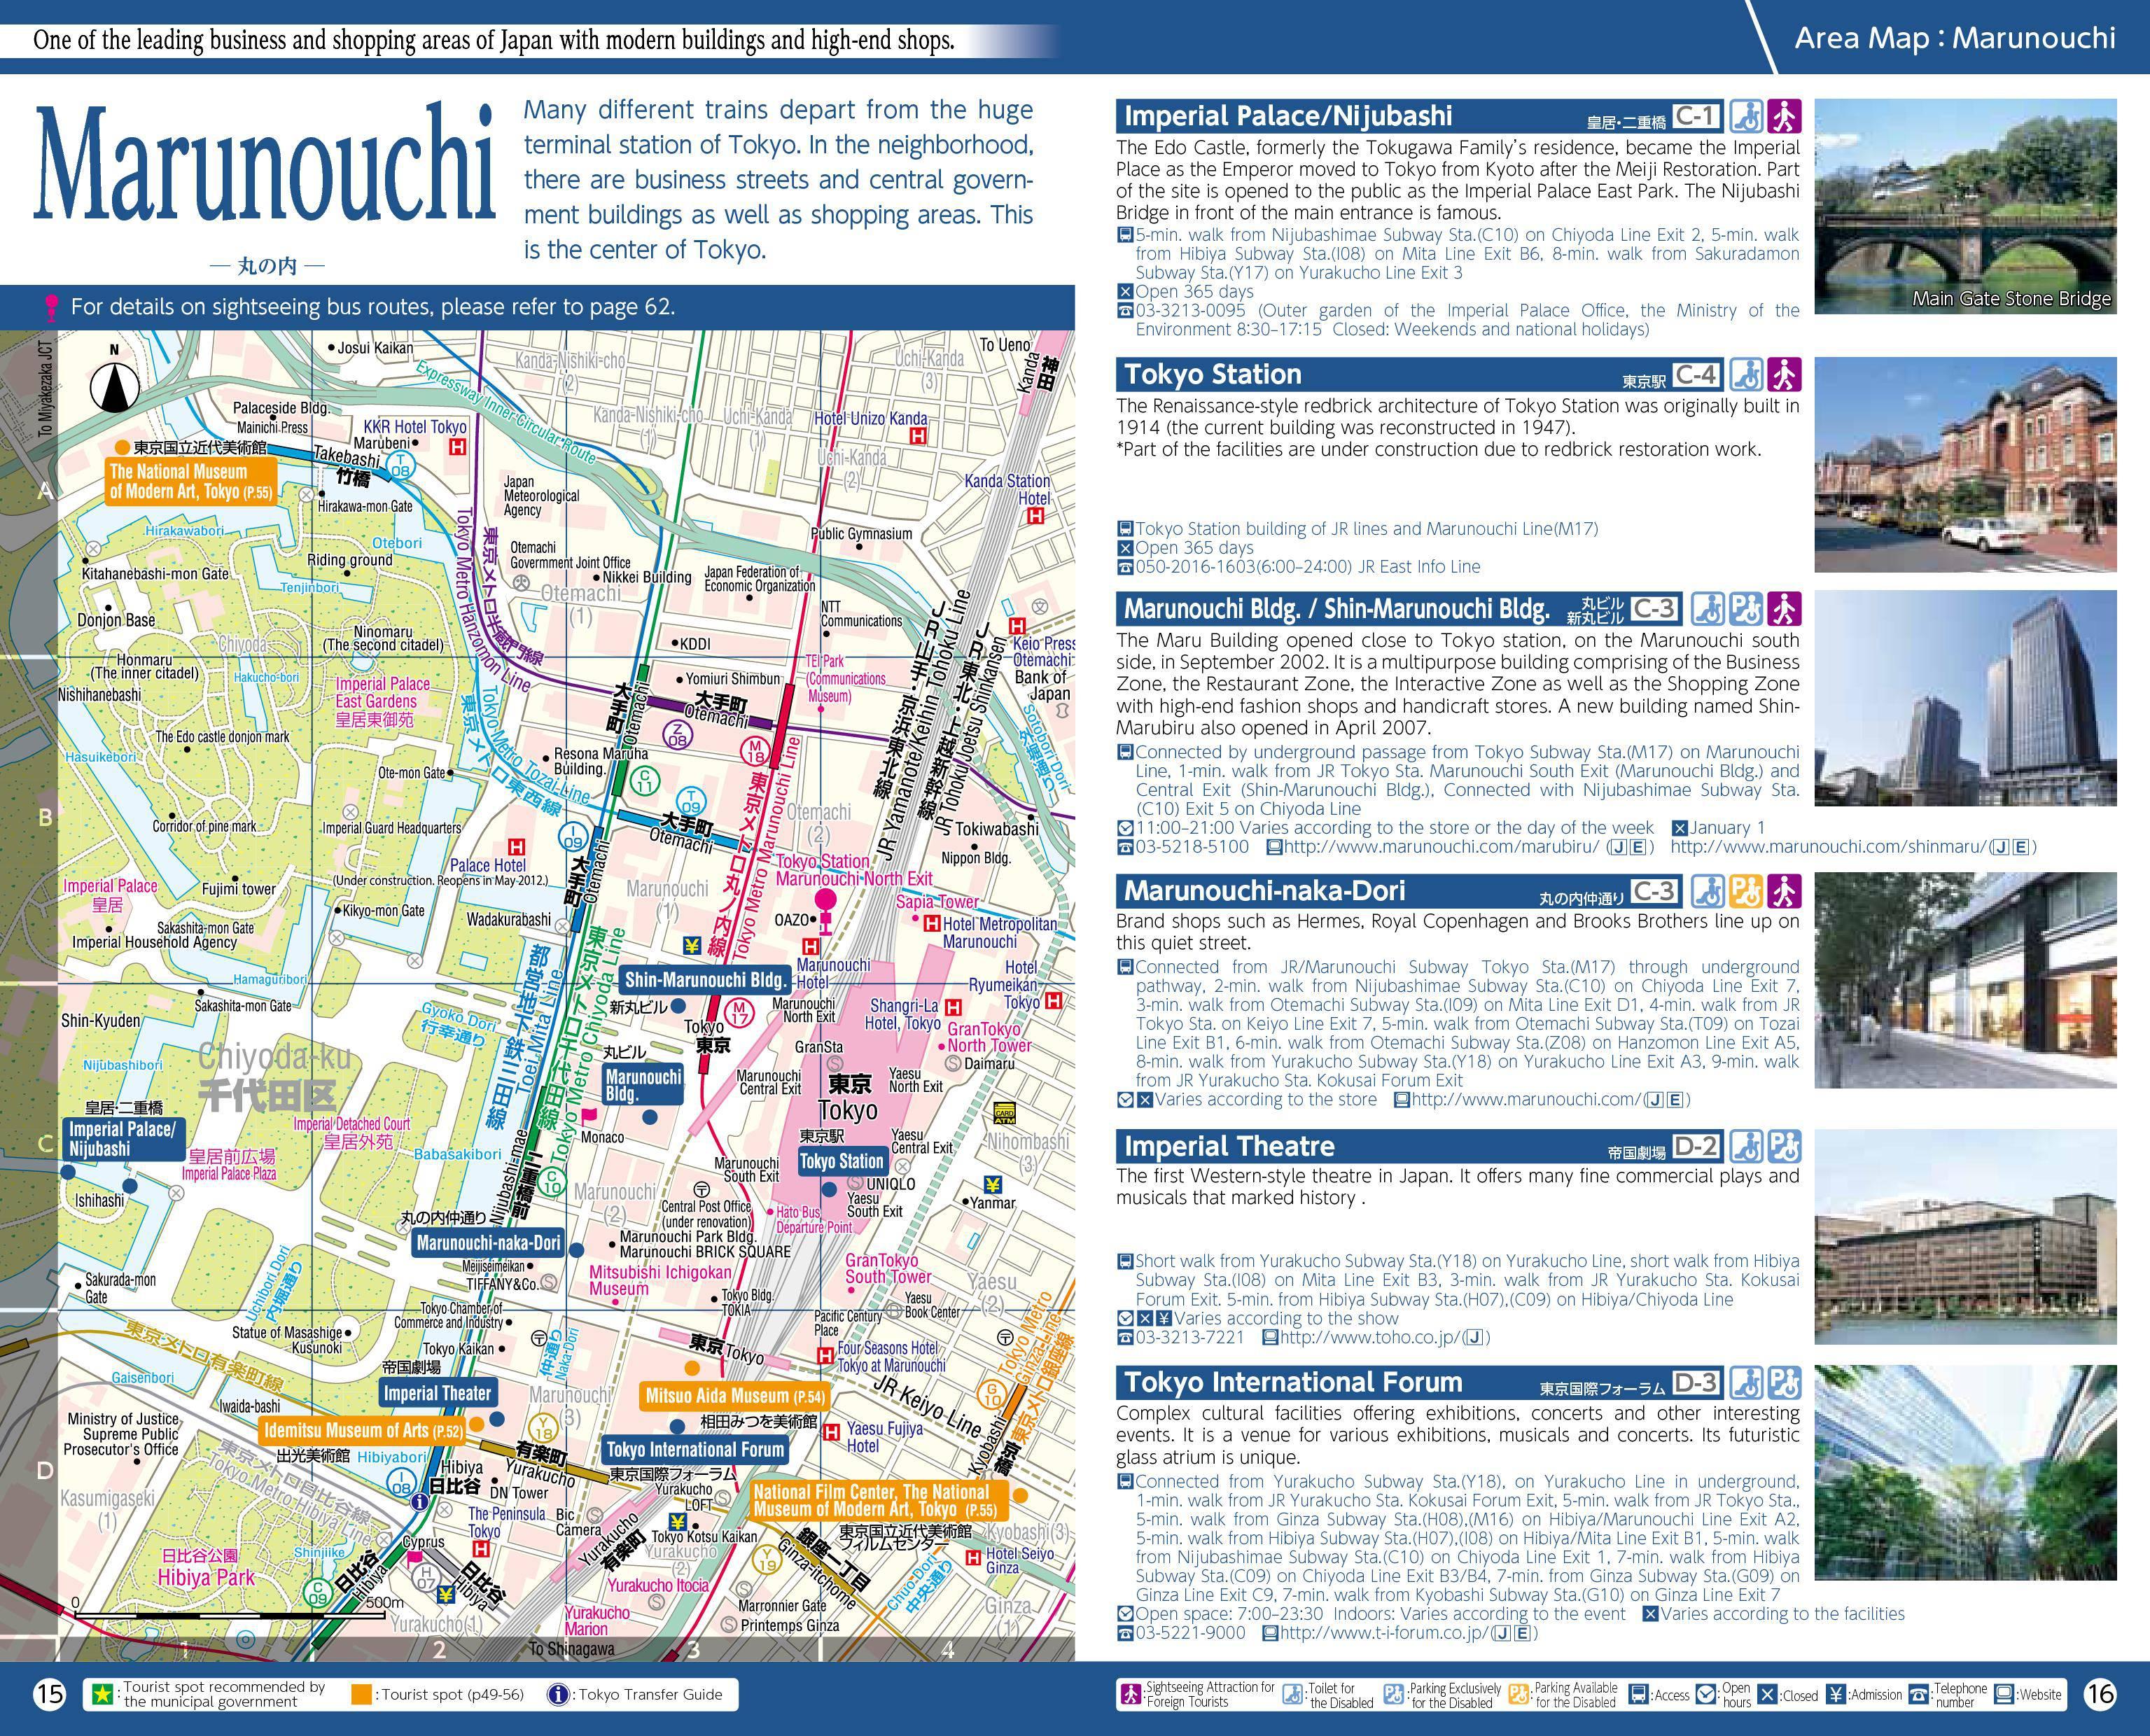 Carte de Tokyo - Plusieurs cartes de la ville au Japon en Asie